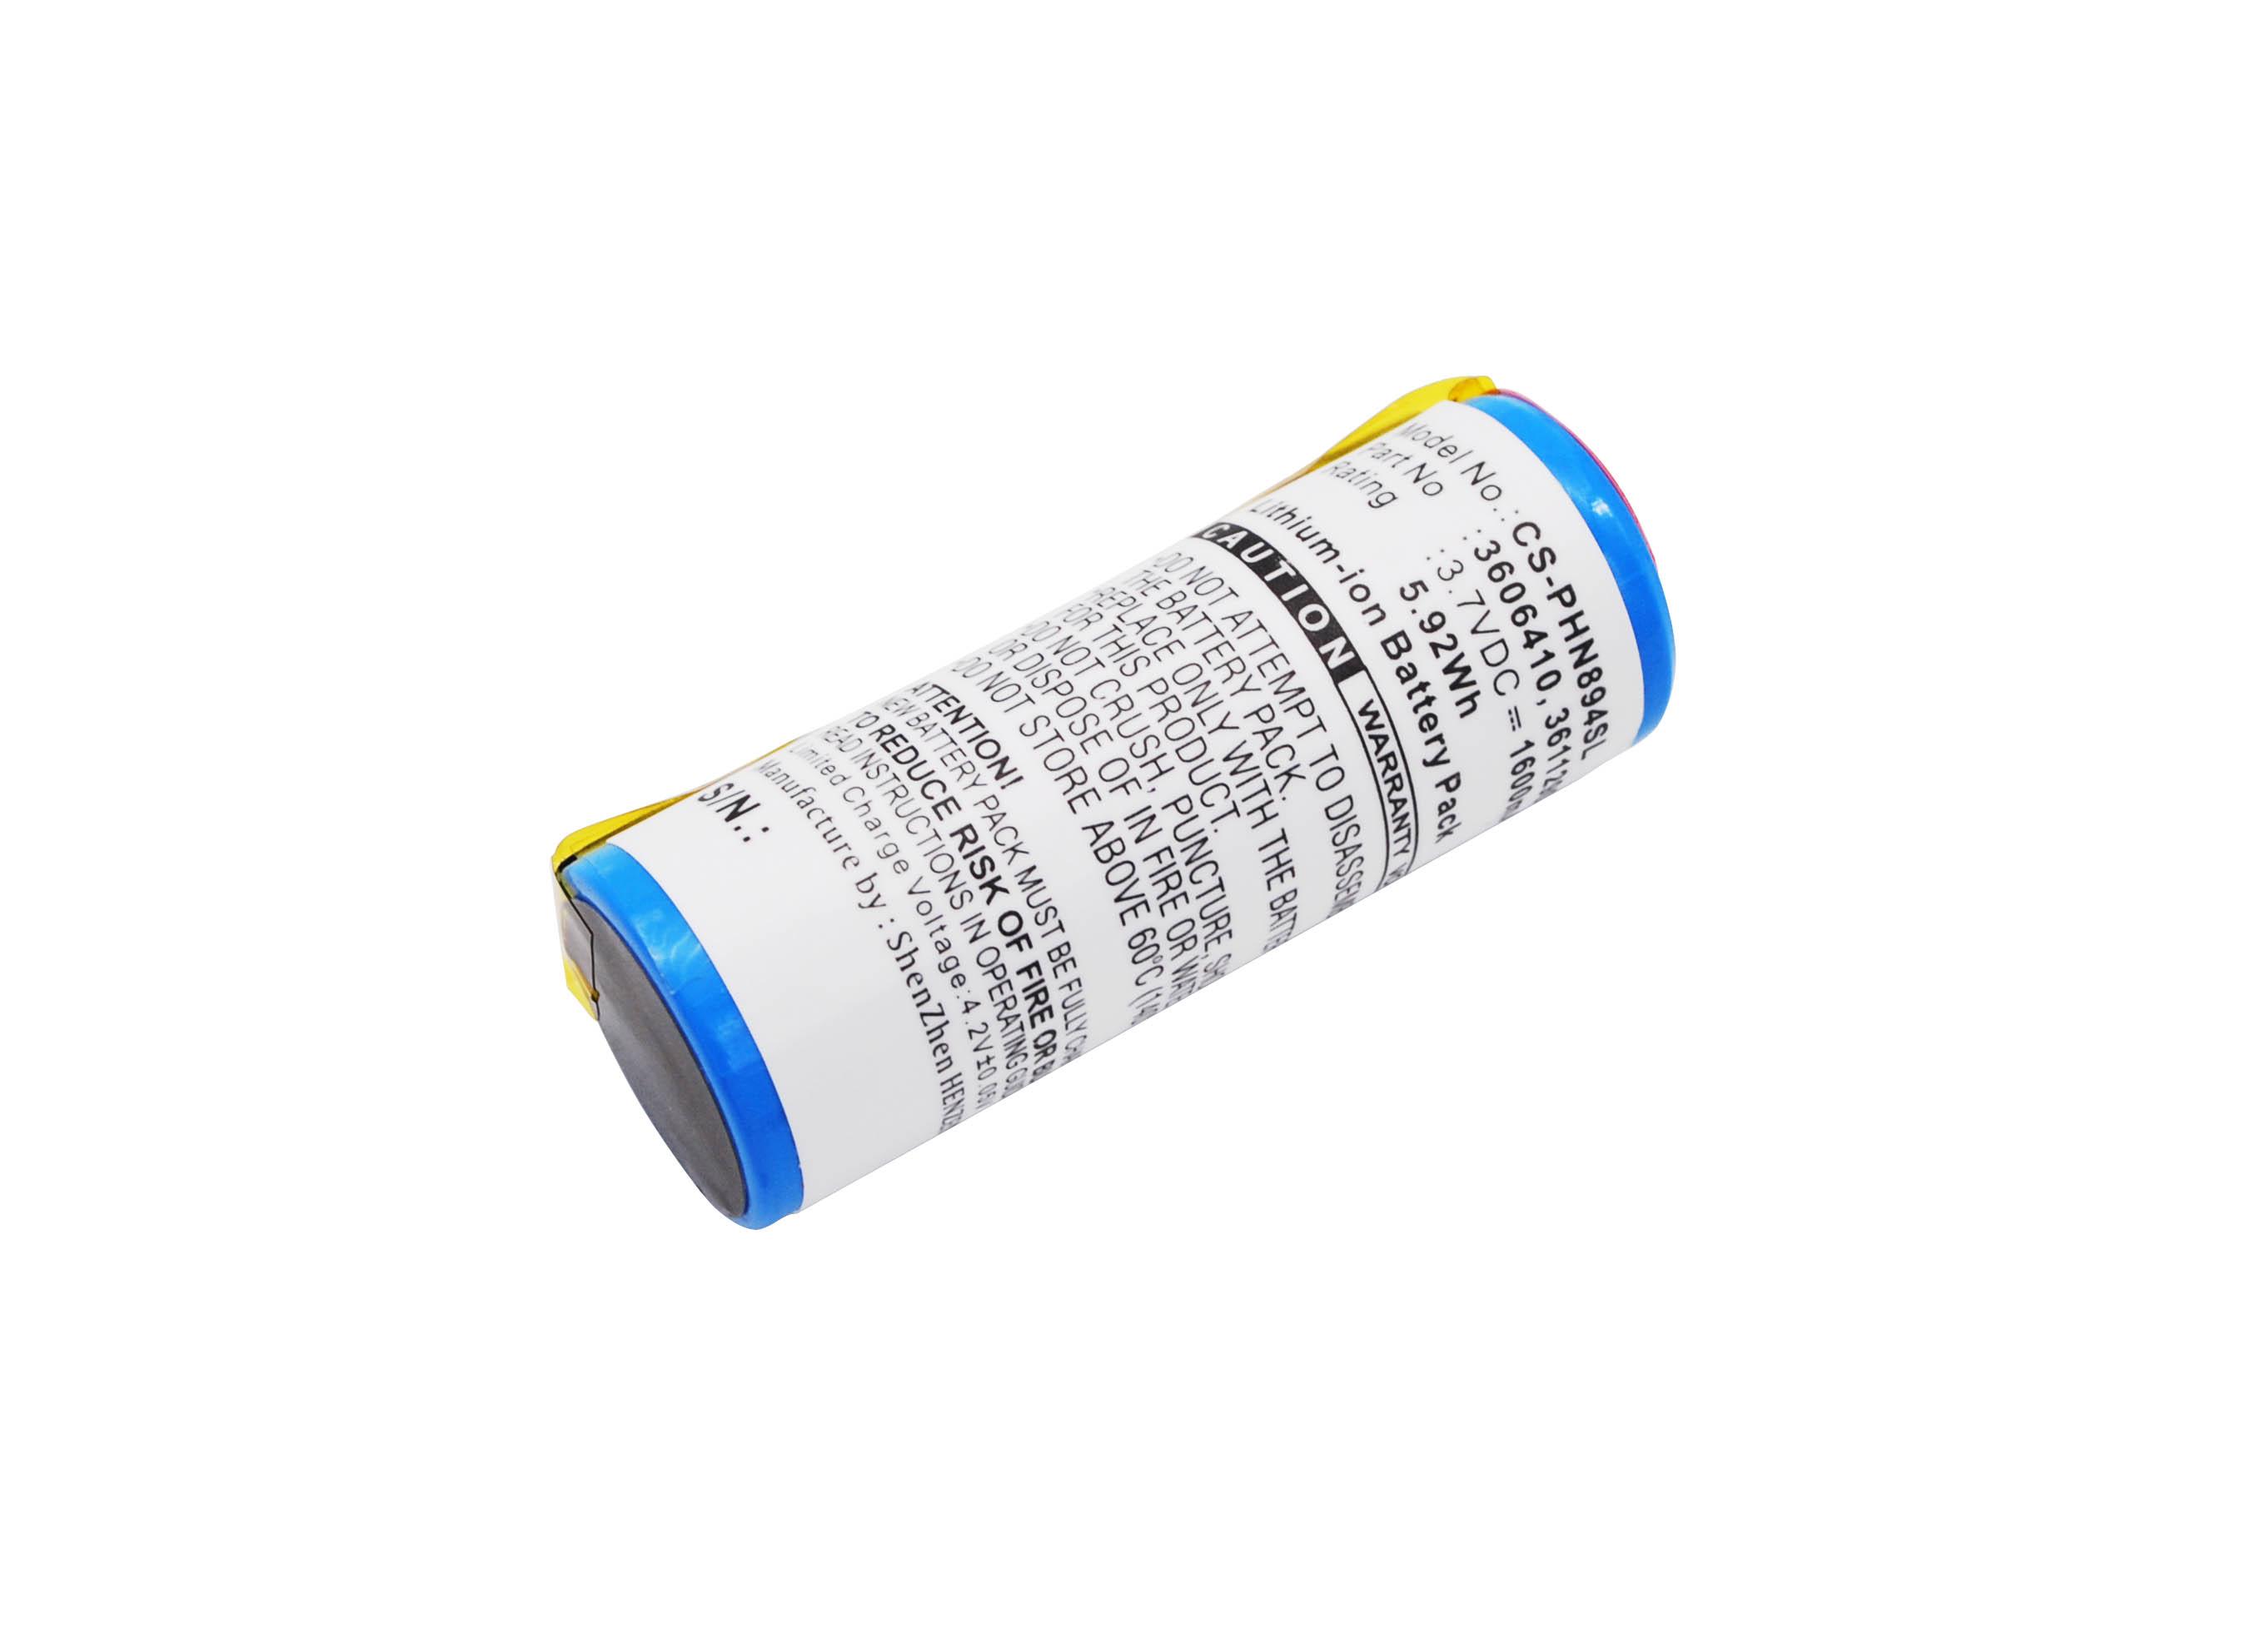 Cameron Sino baterie do holicích strojků pro BRAUN 760 3.7V Li-ion 1600mAh modrá - neoriginální